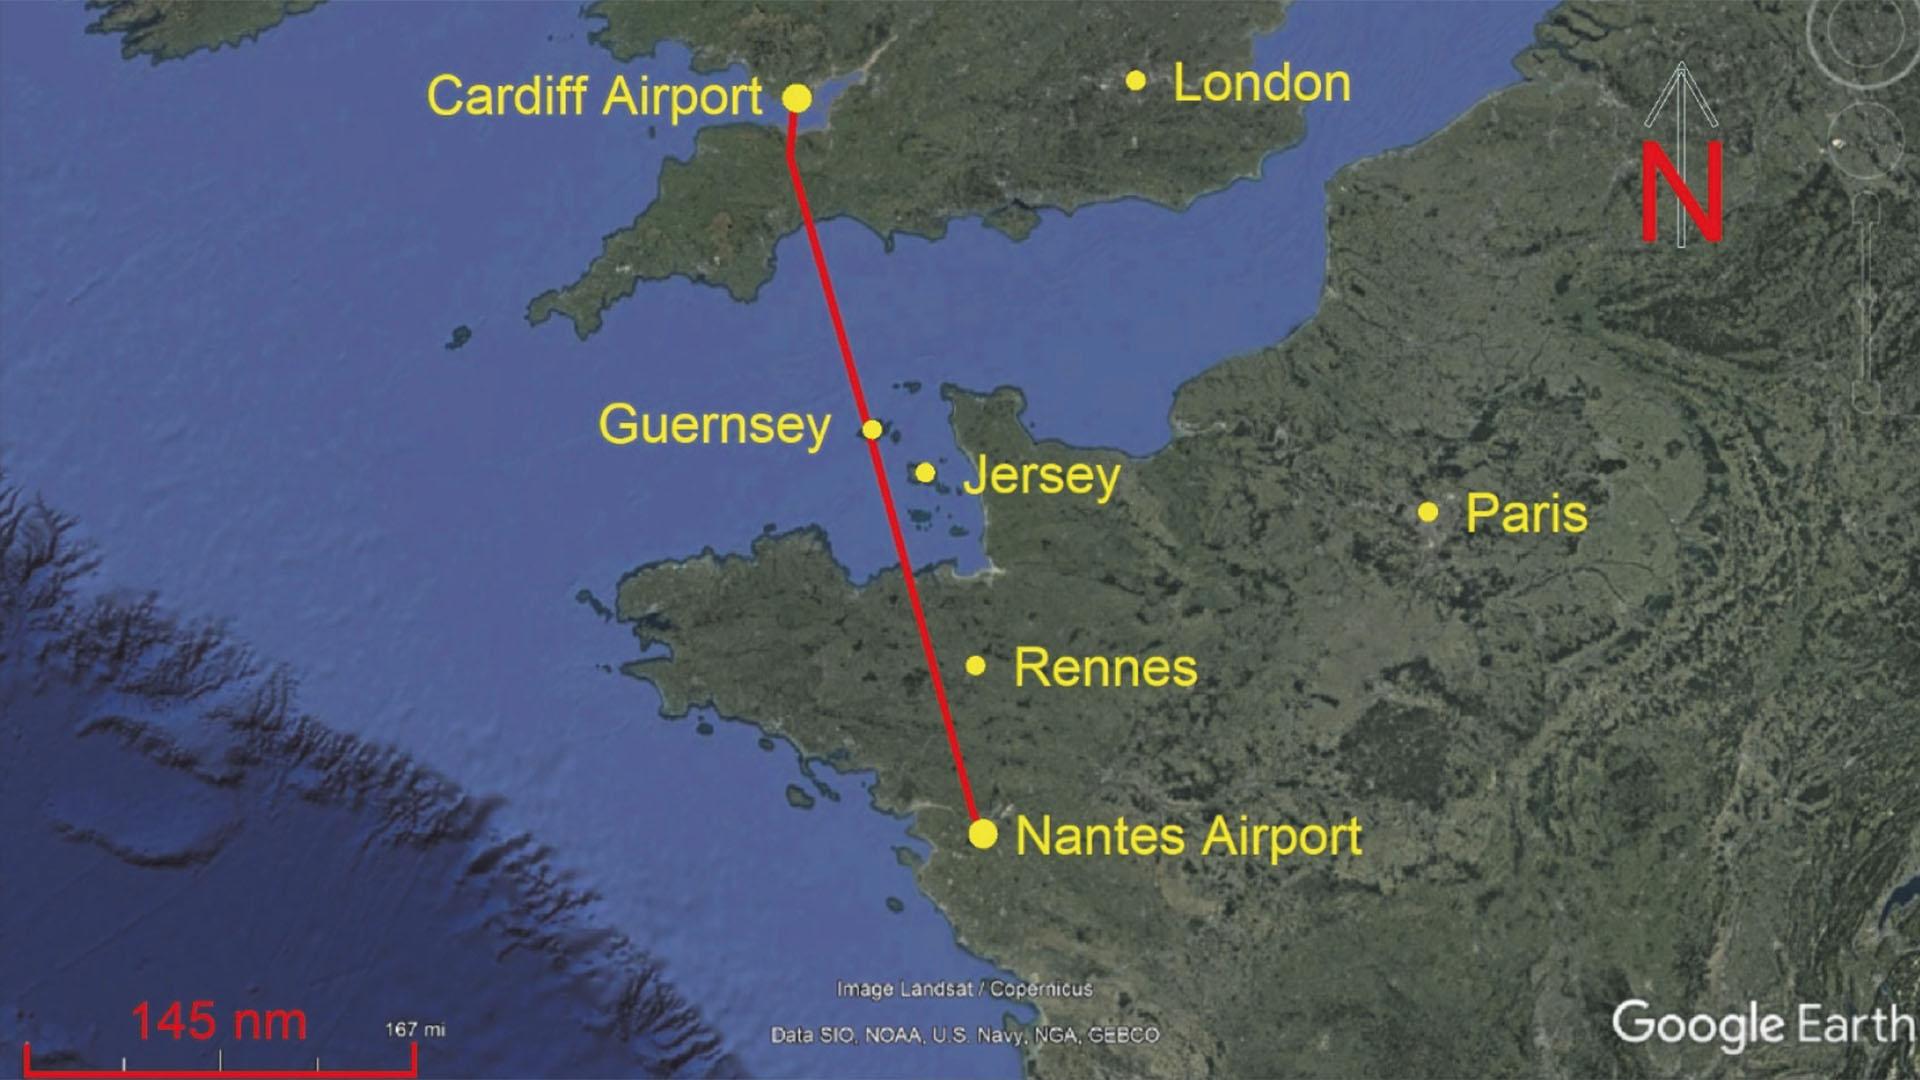 Mapa del ruta del Piper Malibu de Nantes a Cardiff.